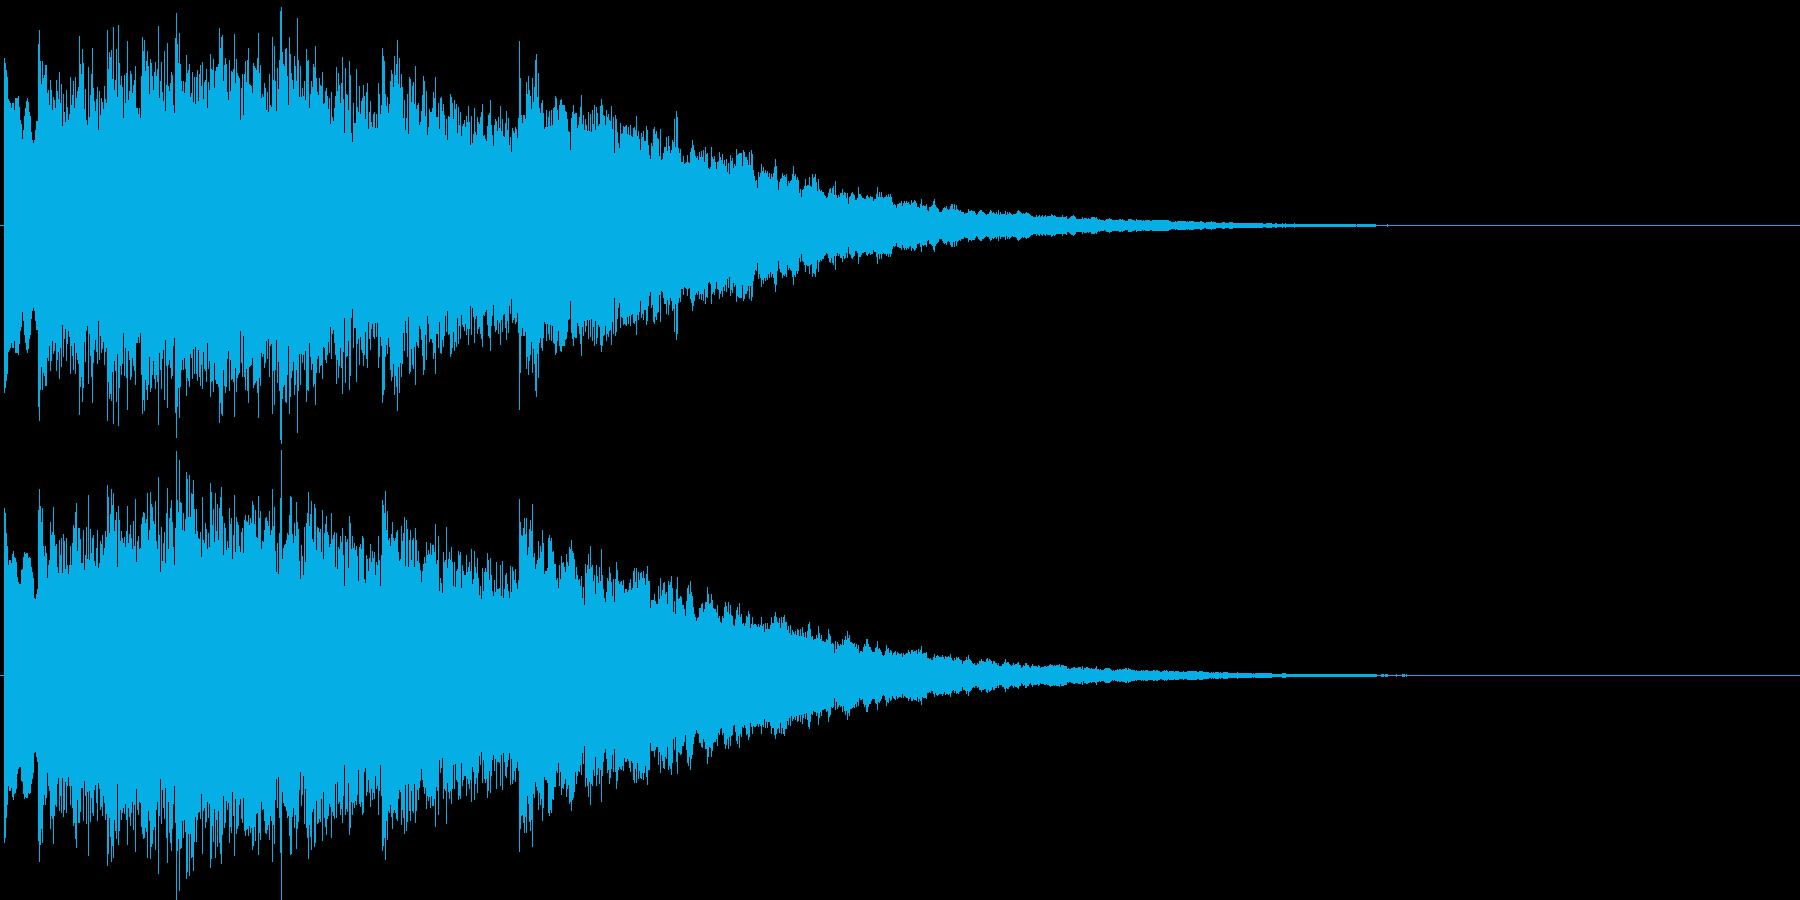 キンコン..。のど自慢風の鐘(合格)の再生済みの波形